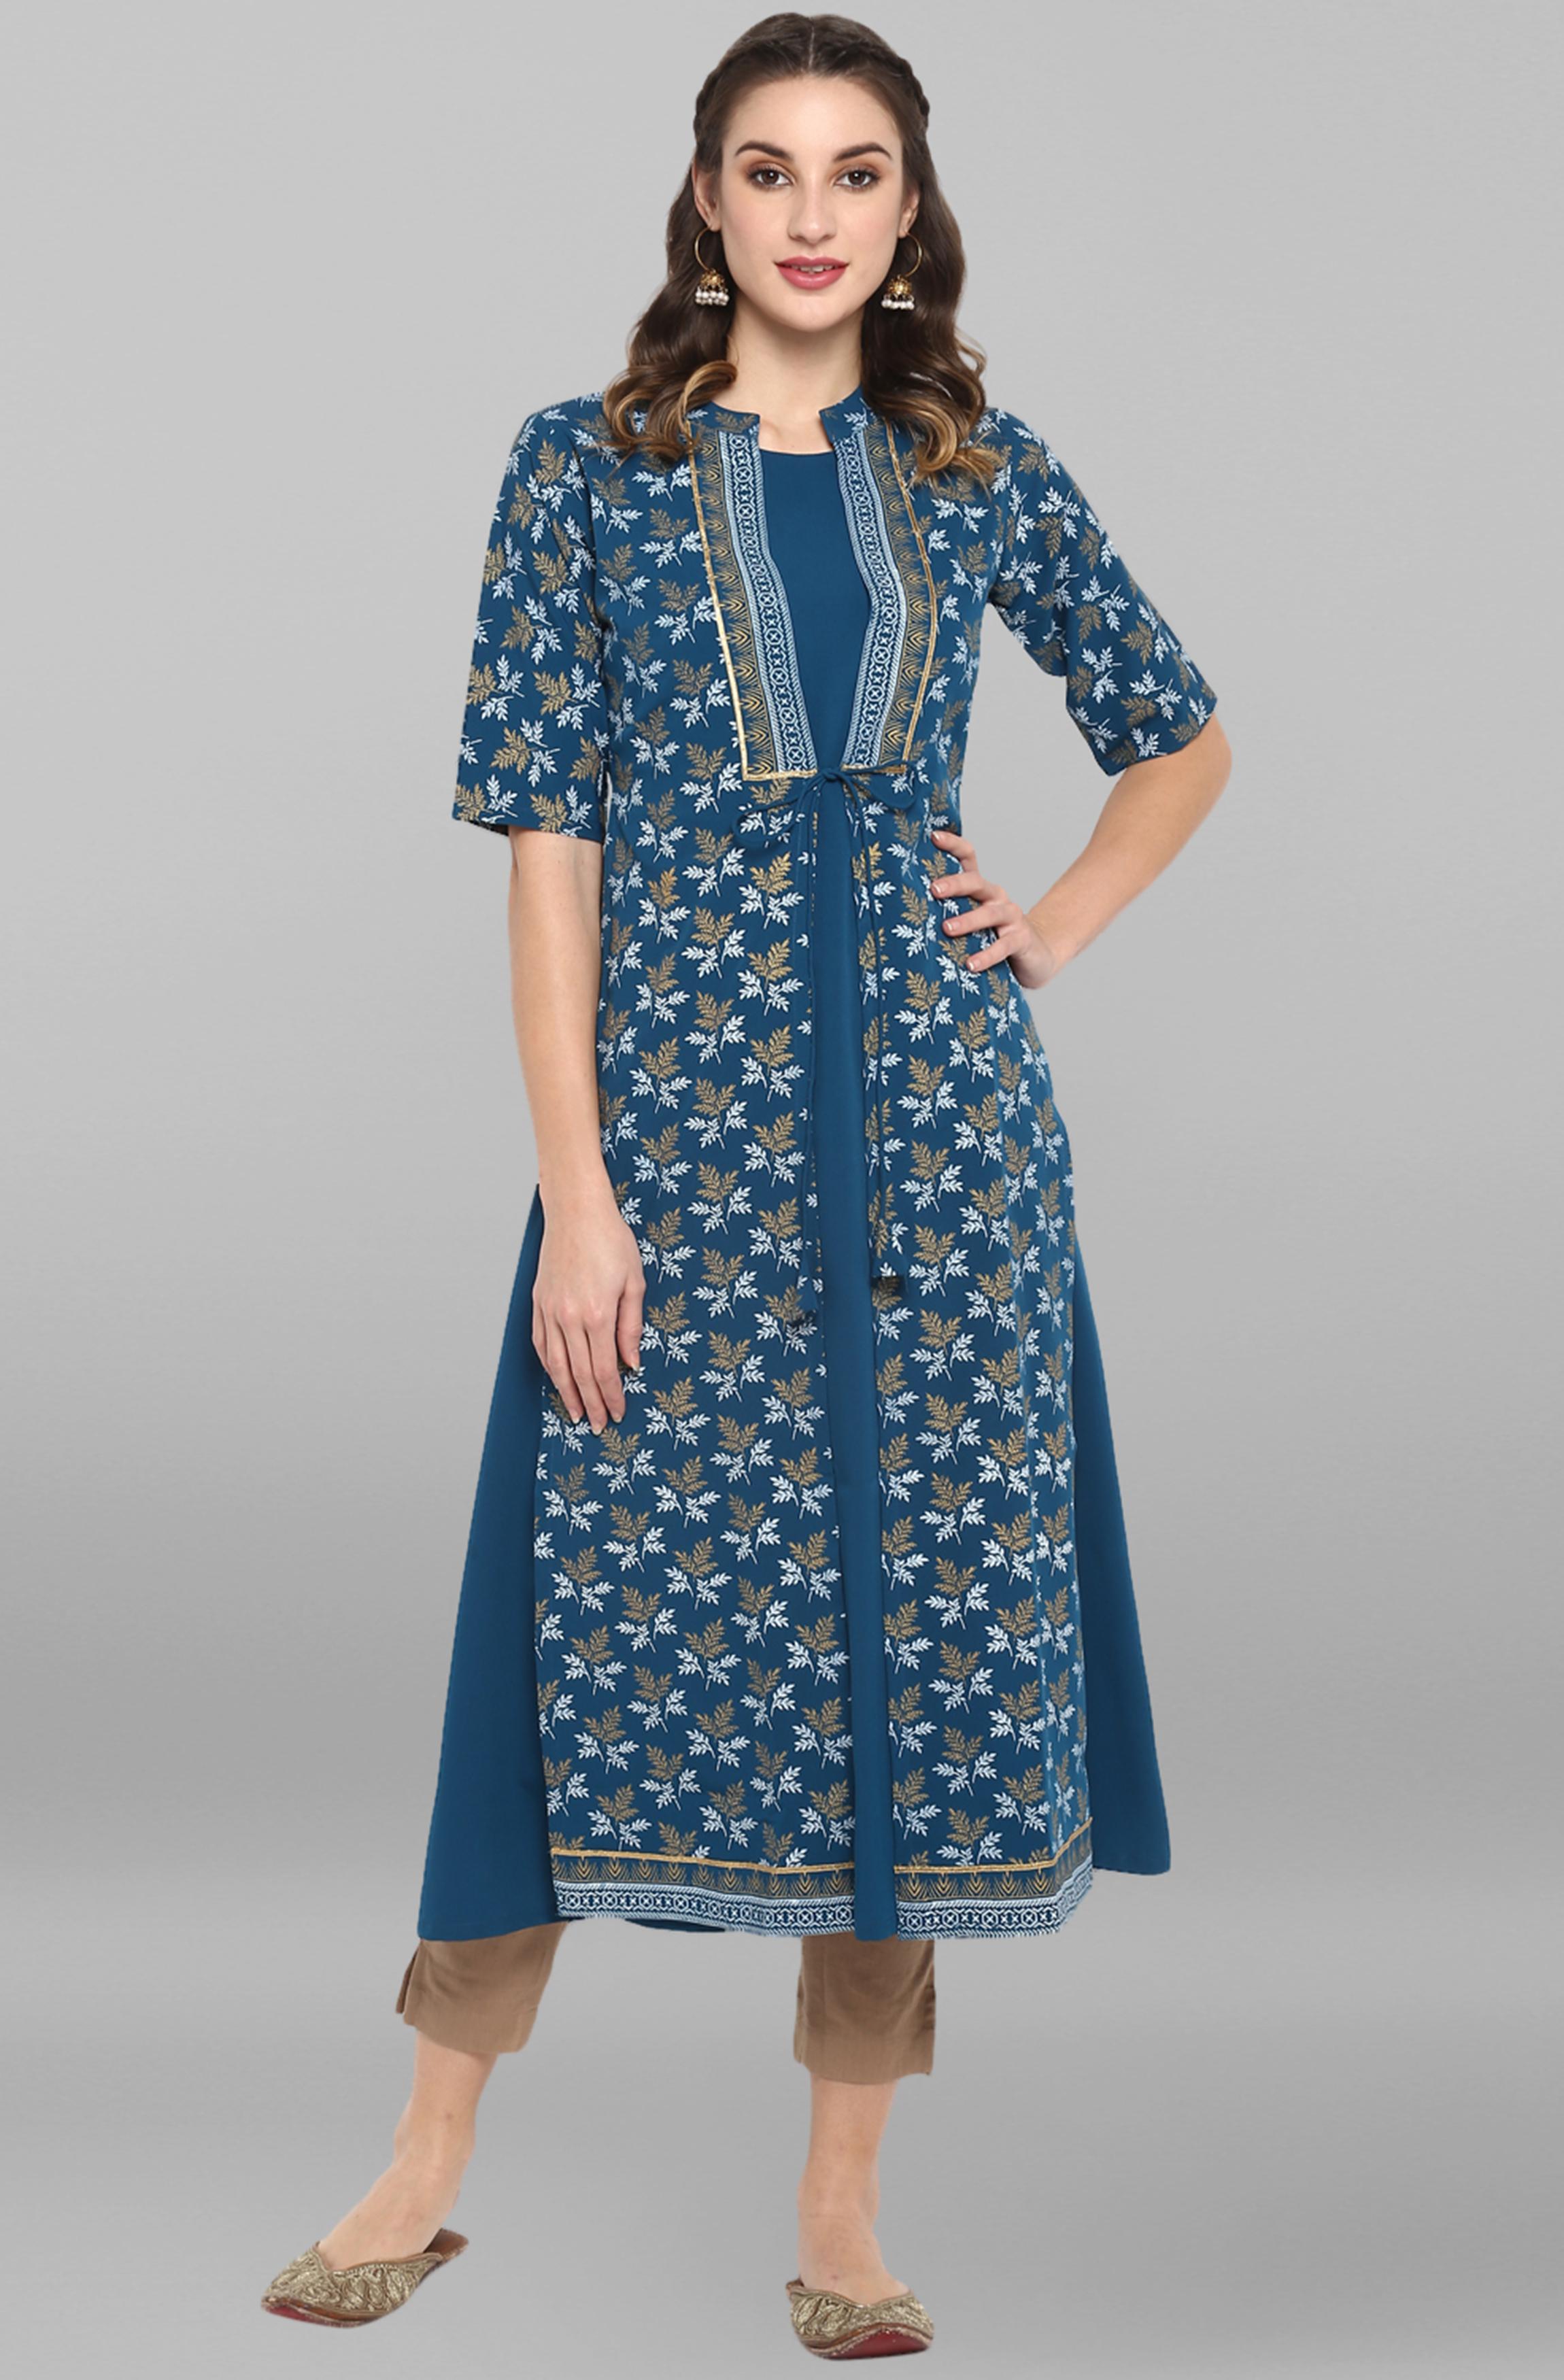 Janasya | Janasya Women's Turquoise Poly Crepe Kurta With Jacket